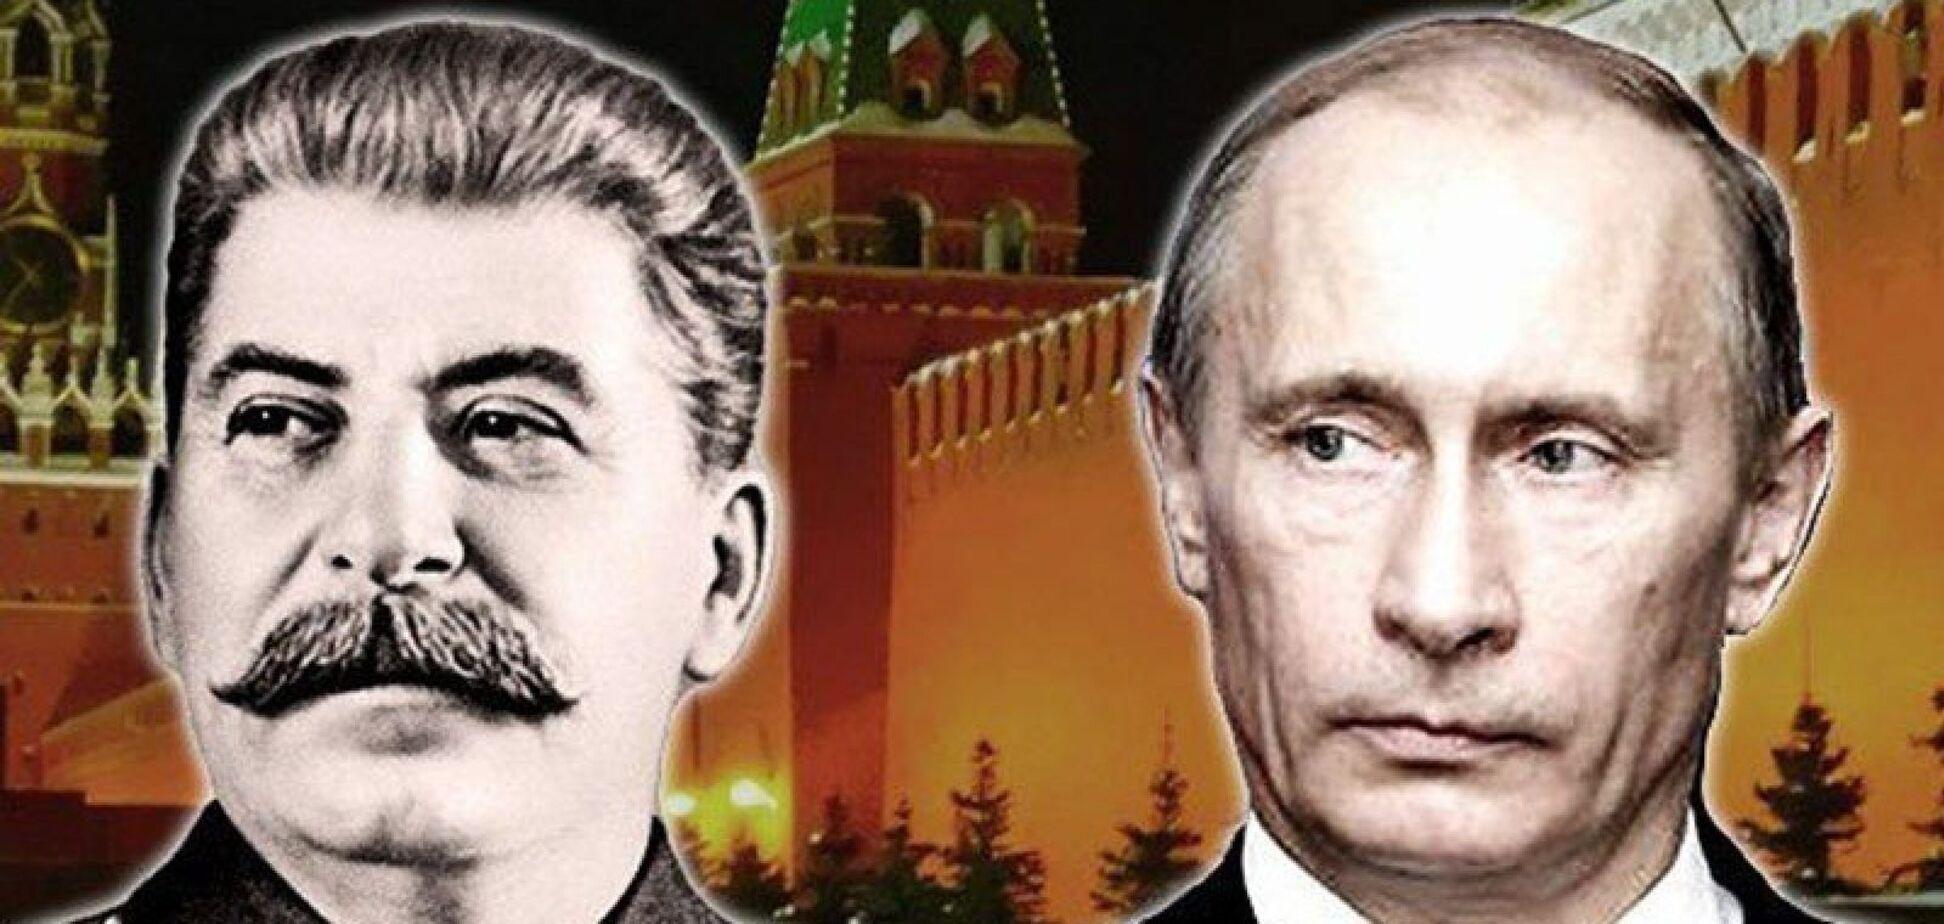 Игорь Эйдман рассказал о сходстве Иосифа Сталина и Владимира Путина